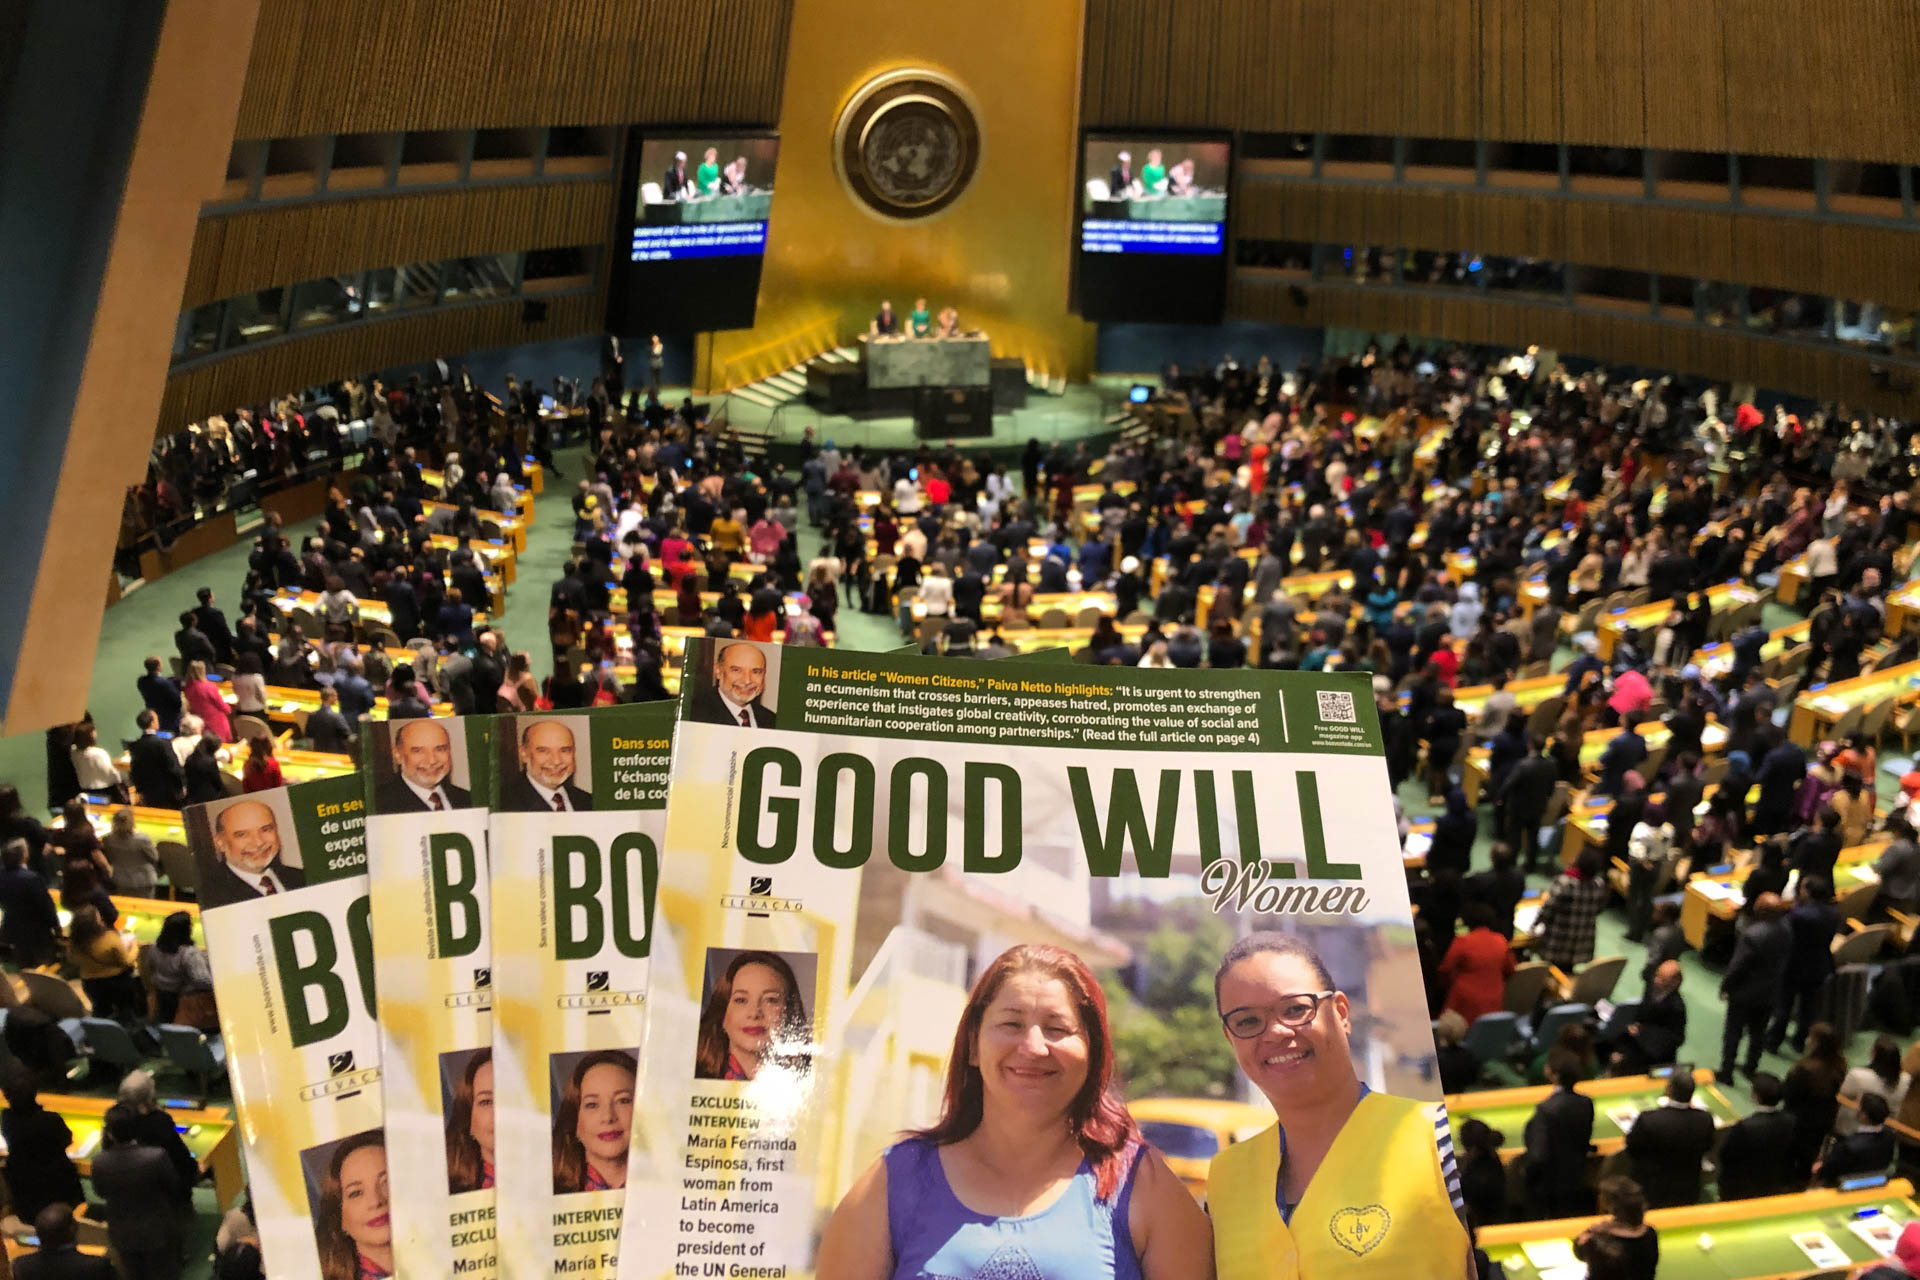 Evento da ONU discutiu desenvolvimento sustentável para o empoderamento da mulher